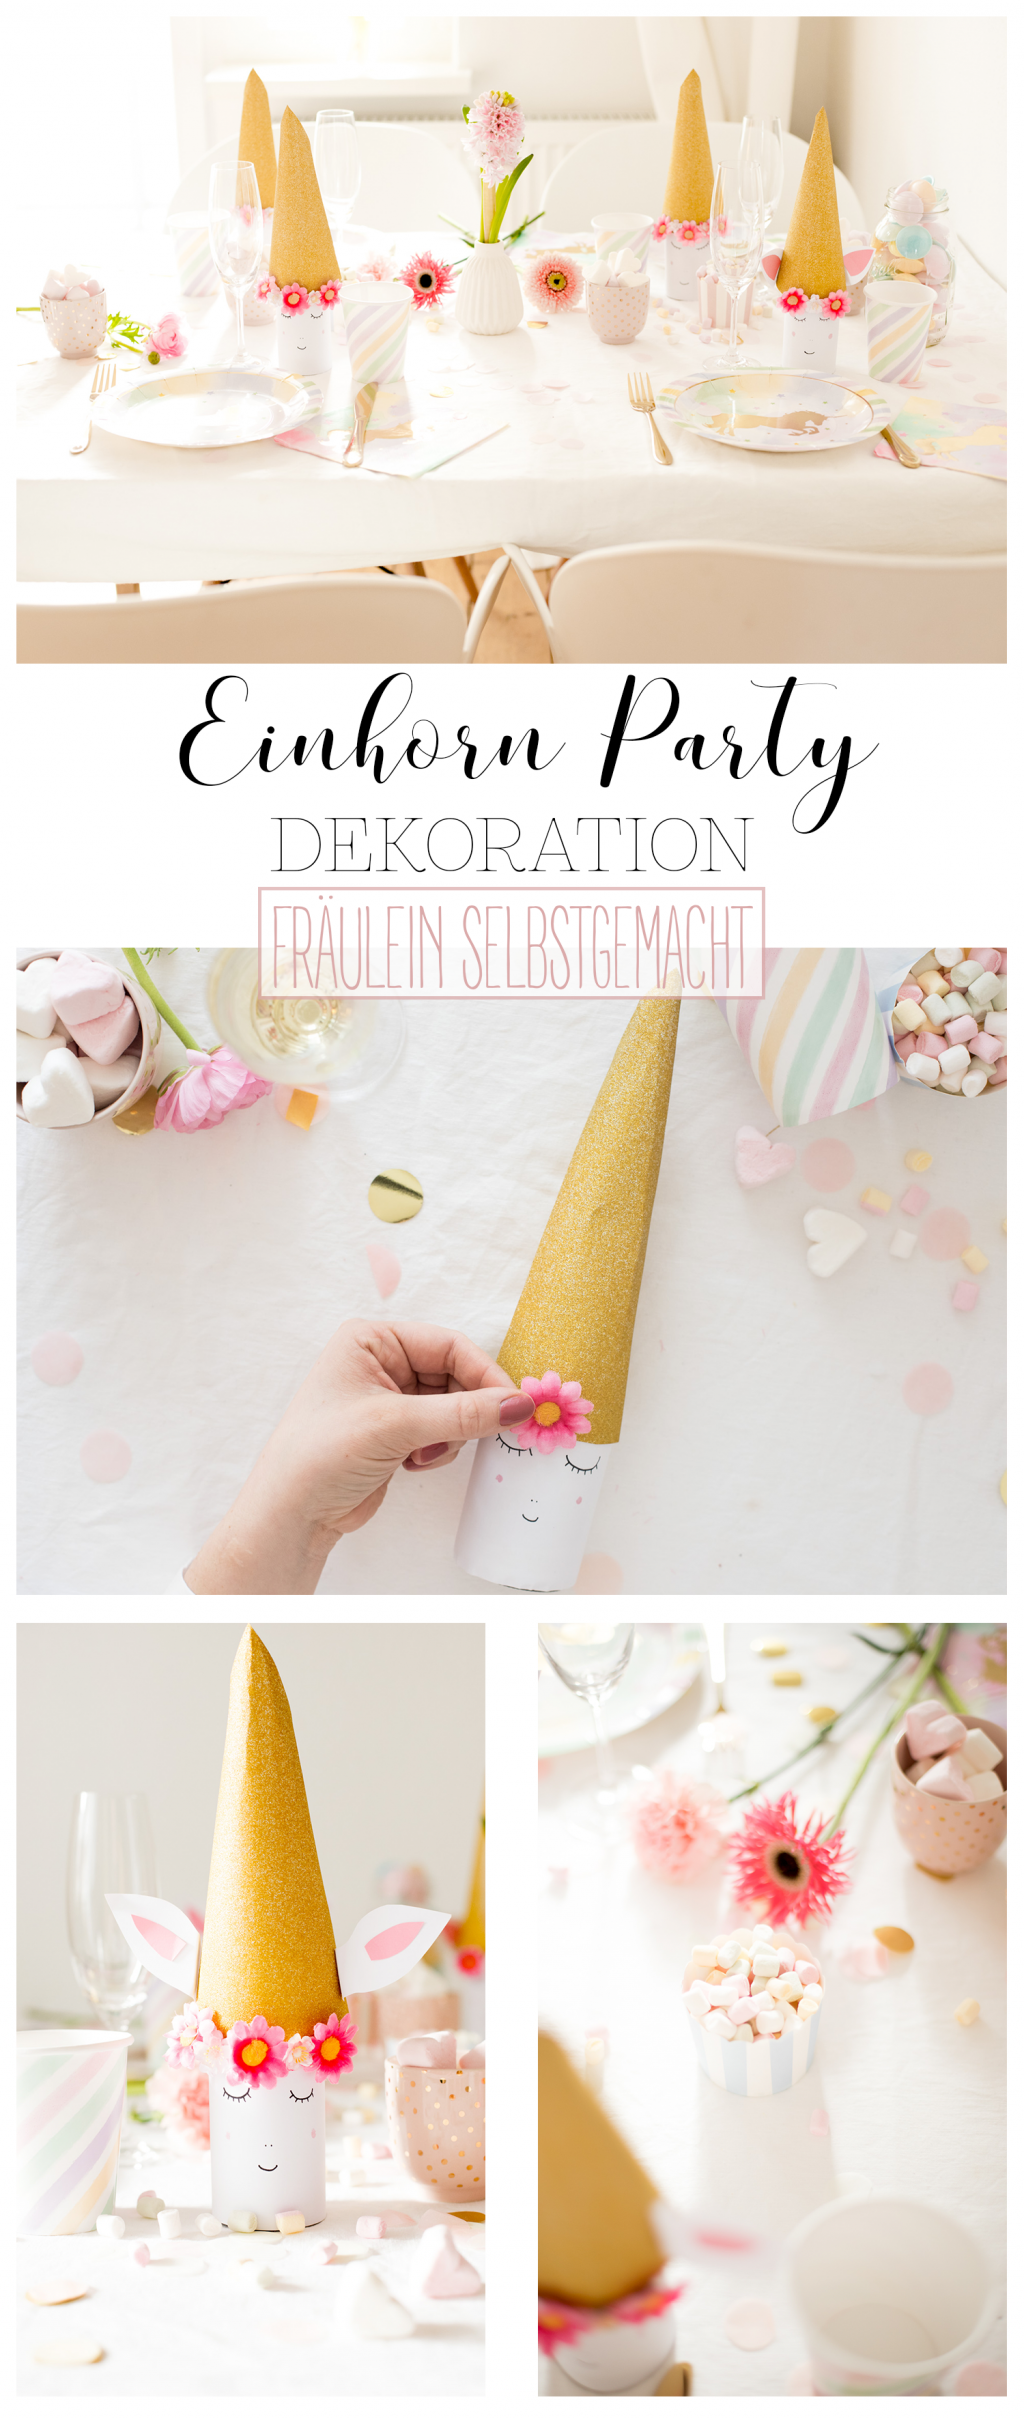 einhorn party dekoration pinterest pin fr ulein. Black Bedroom Furniture Sets. Home Design Ideas